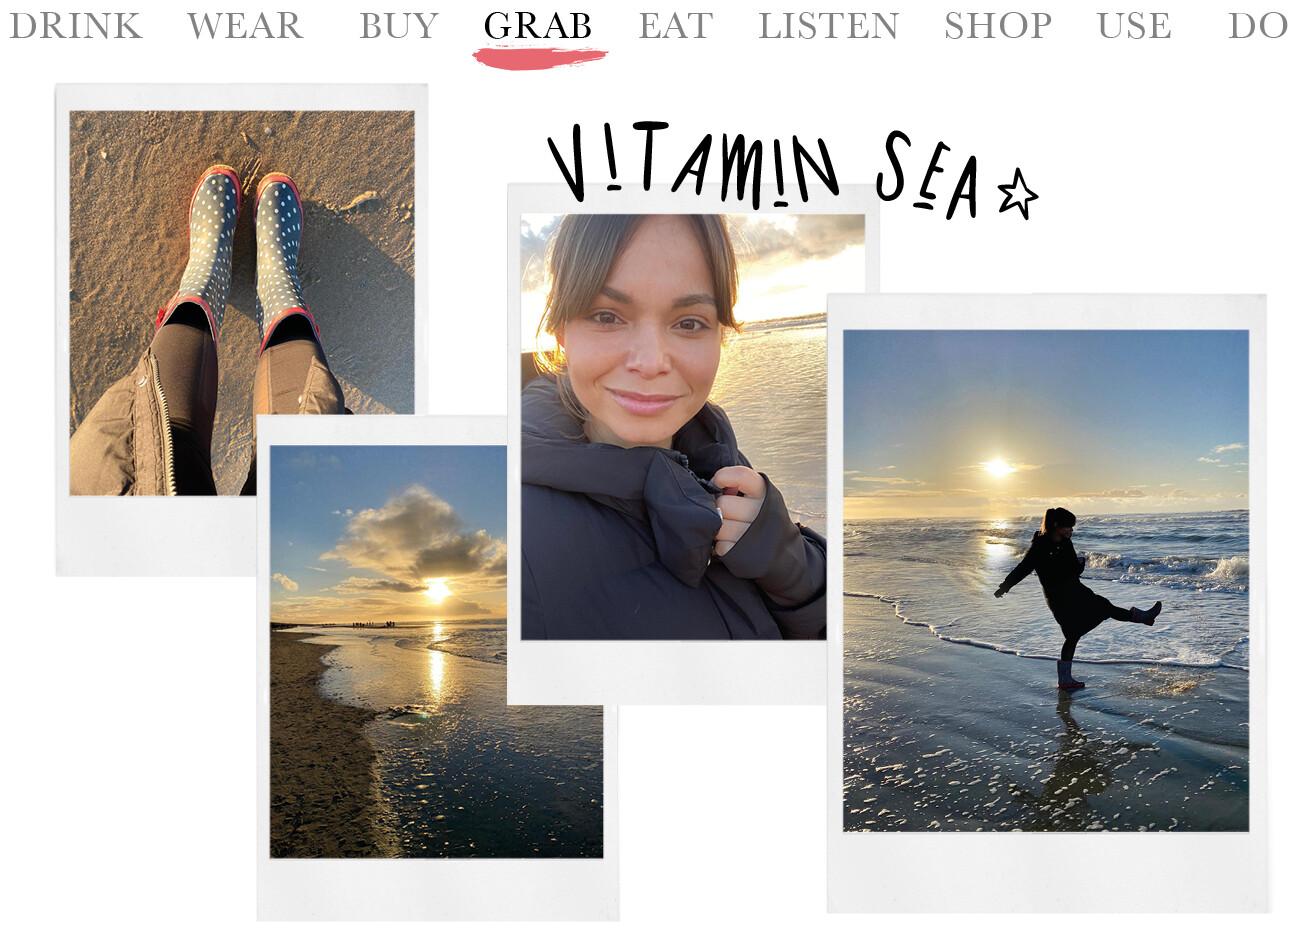 Today we grab: Vitamin Sea